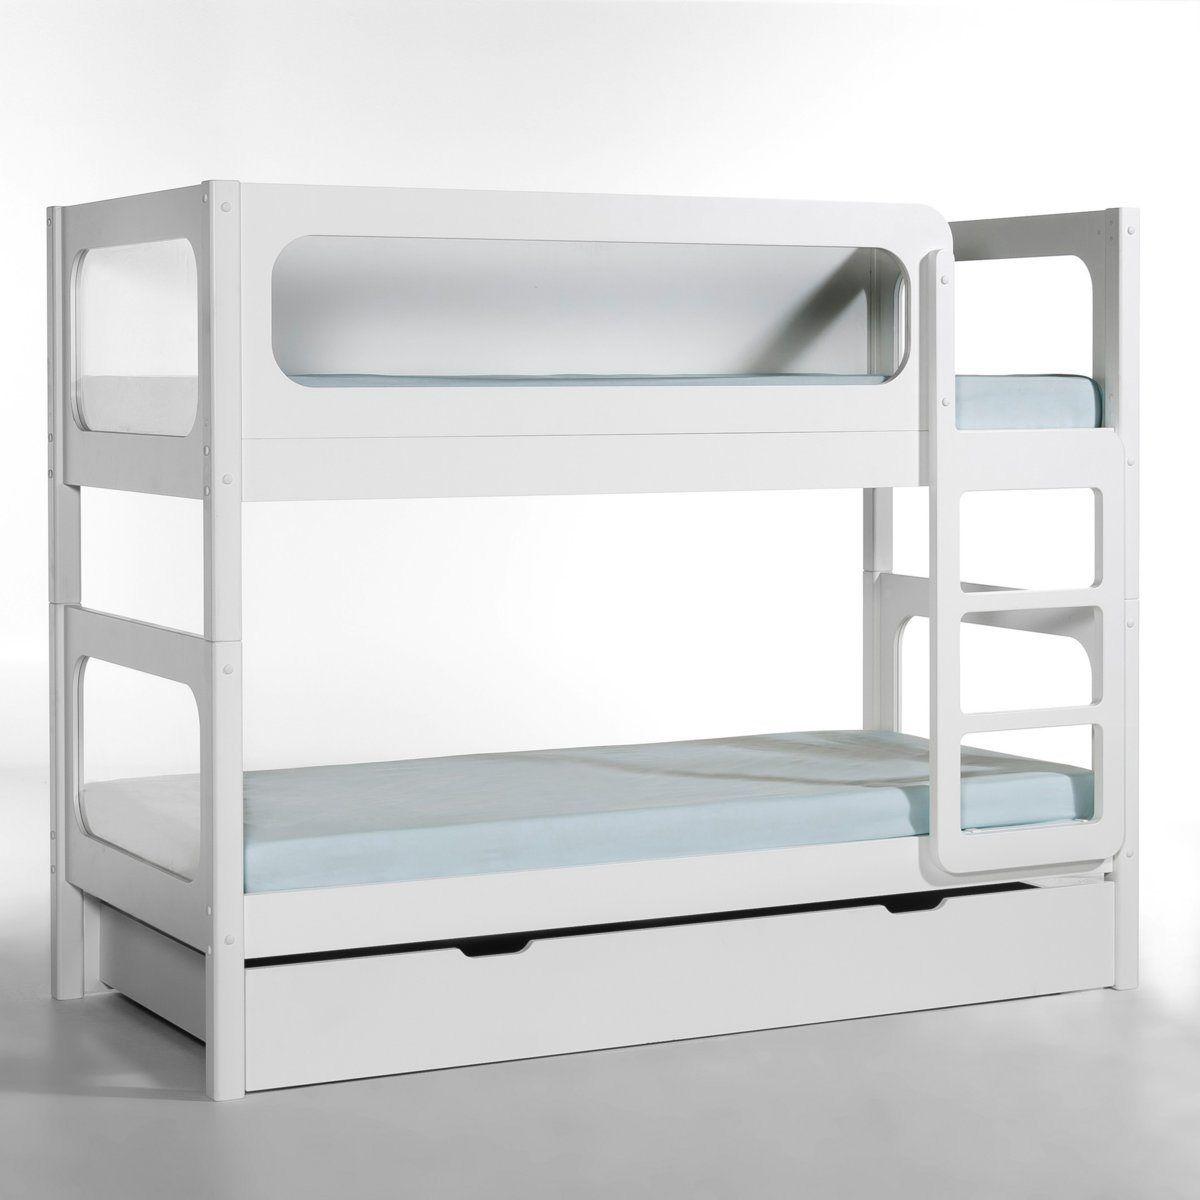 lits superpos s pilha am pm la redoute enfants. Black Bedroom Furniture Sets. Home Design Ideas